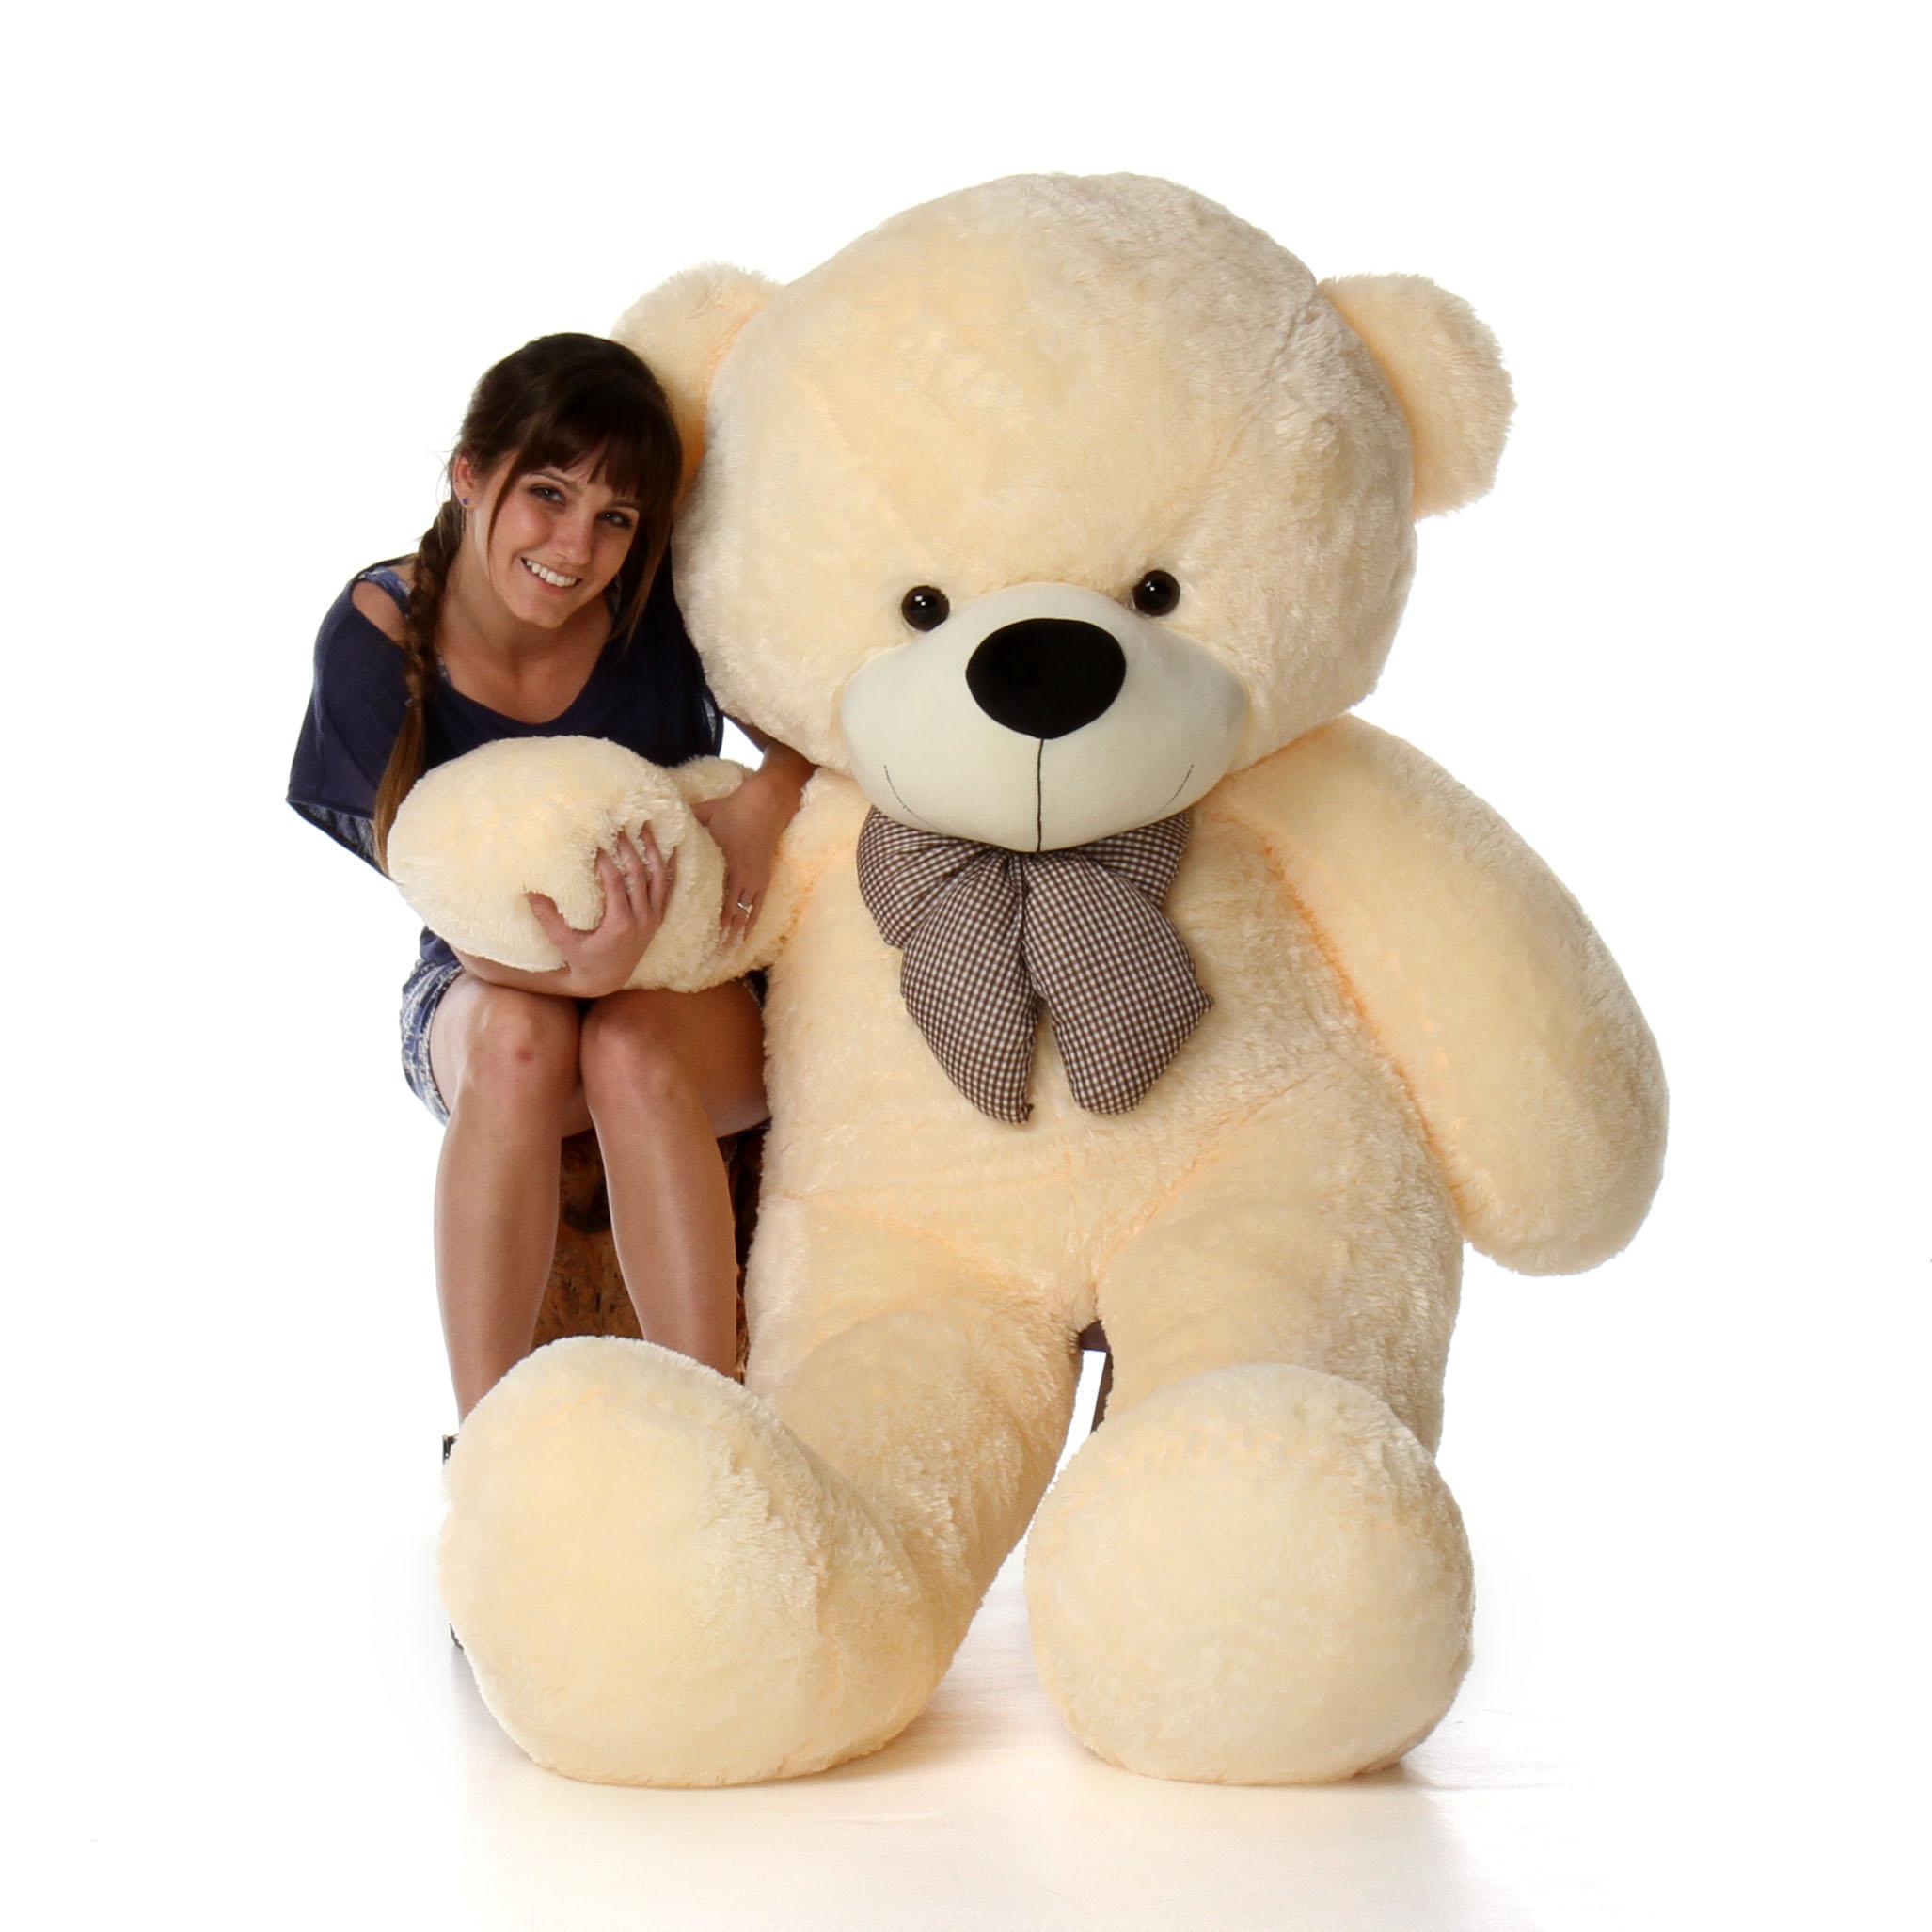 6ft-huggable-and-softest-cozy-cuddles-cream-teddy-bear.jpg